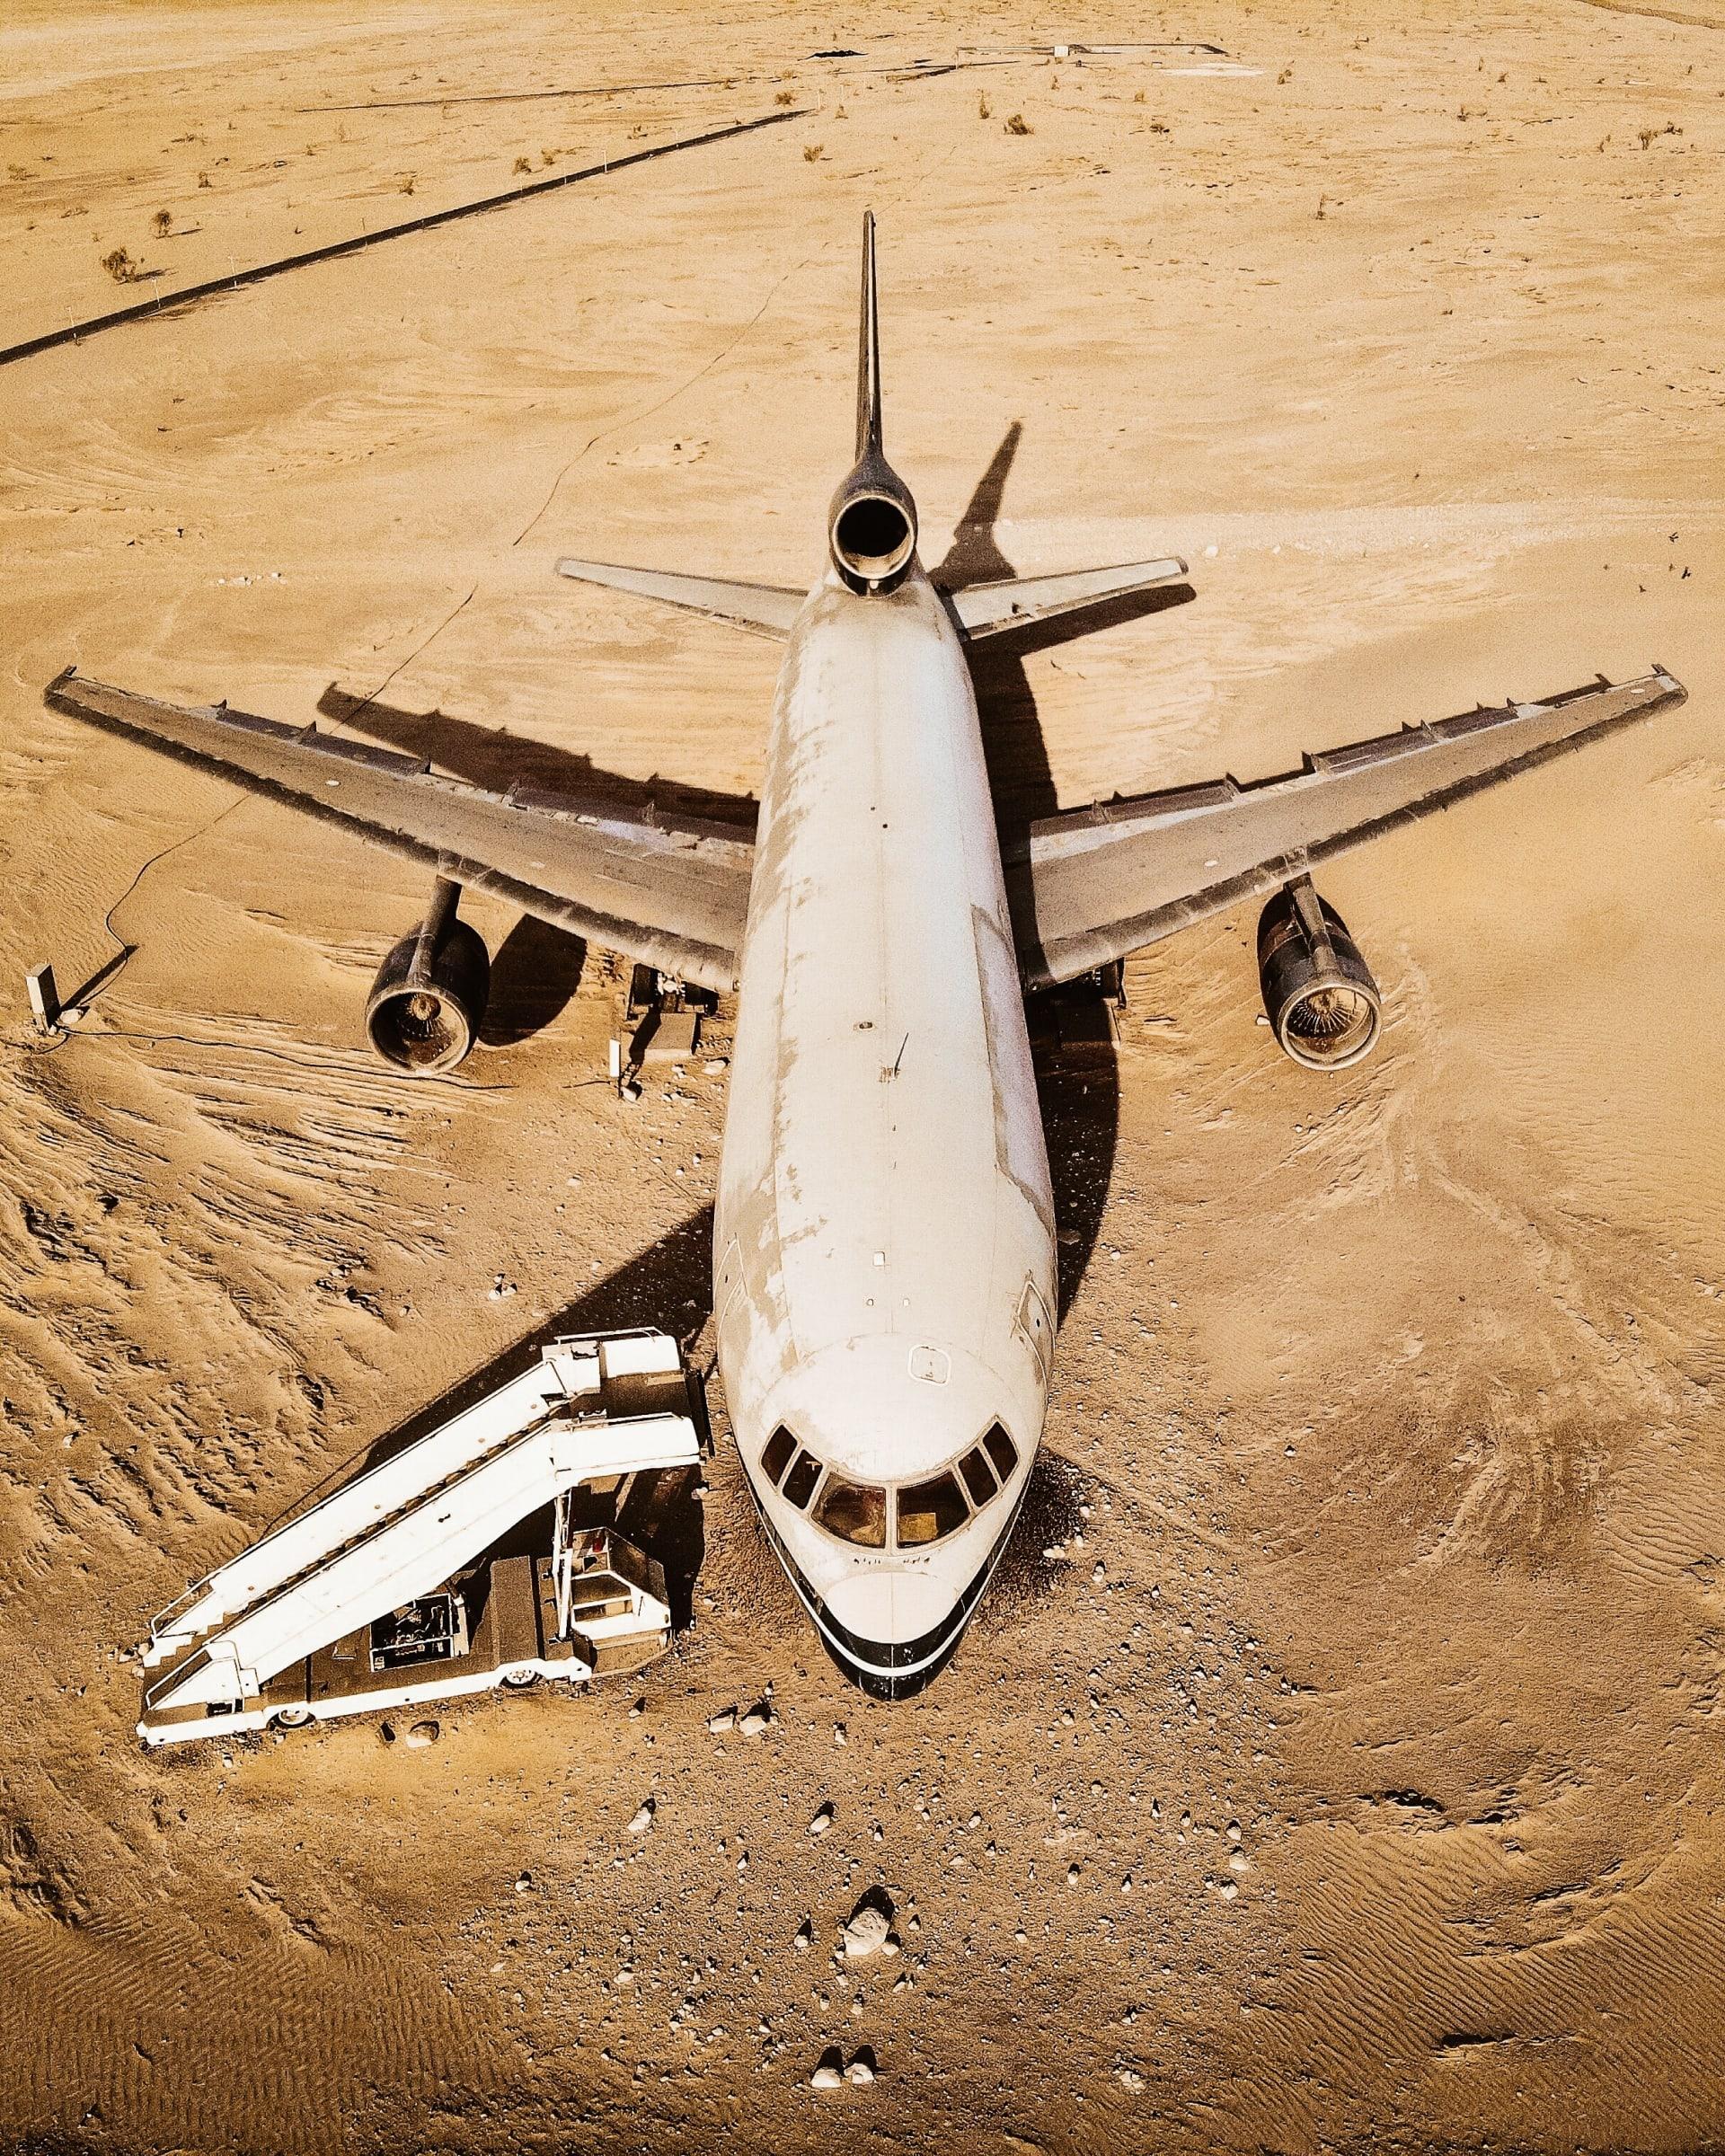 ليست محض سراب..ما حقيقة هذه الطائرة المهجورة وسط صحراء أبوظبي؟